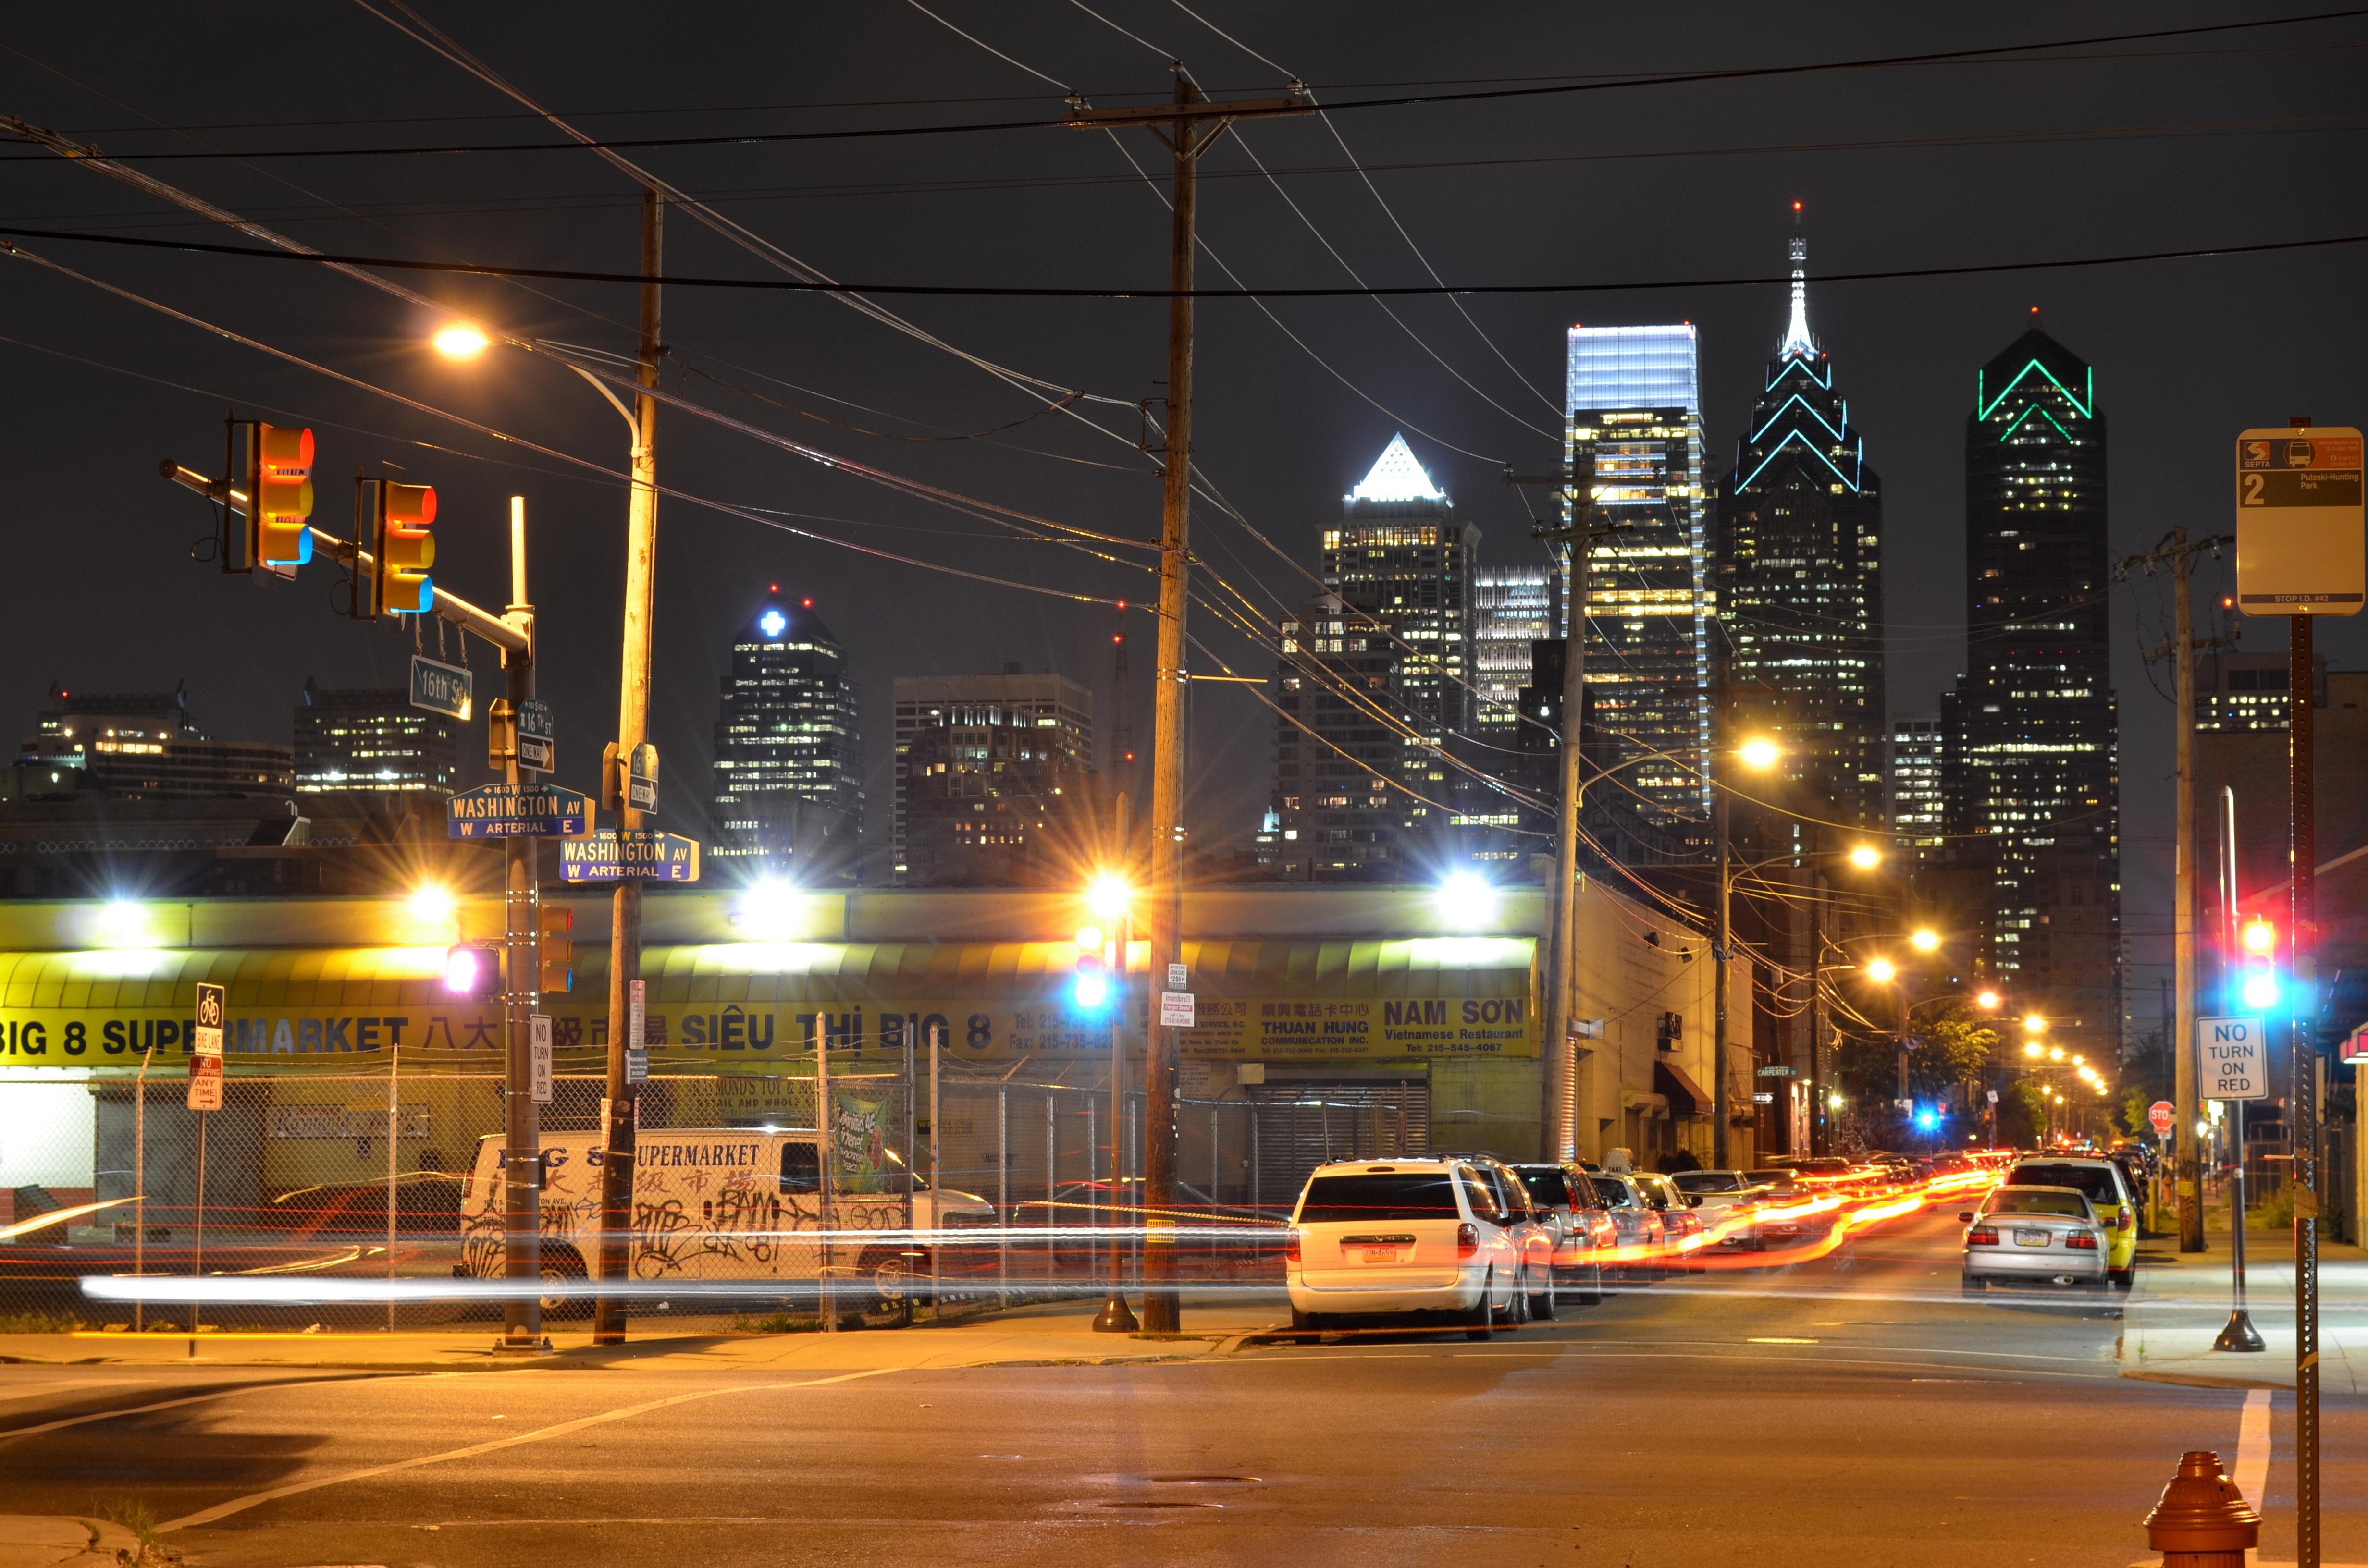 Suburbiile din Philadelphia nu prea au un aer istoric dar oricum arată mai bine decât multe cartiere de la noi